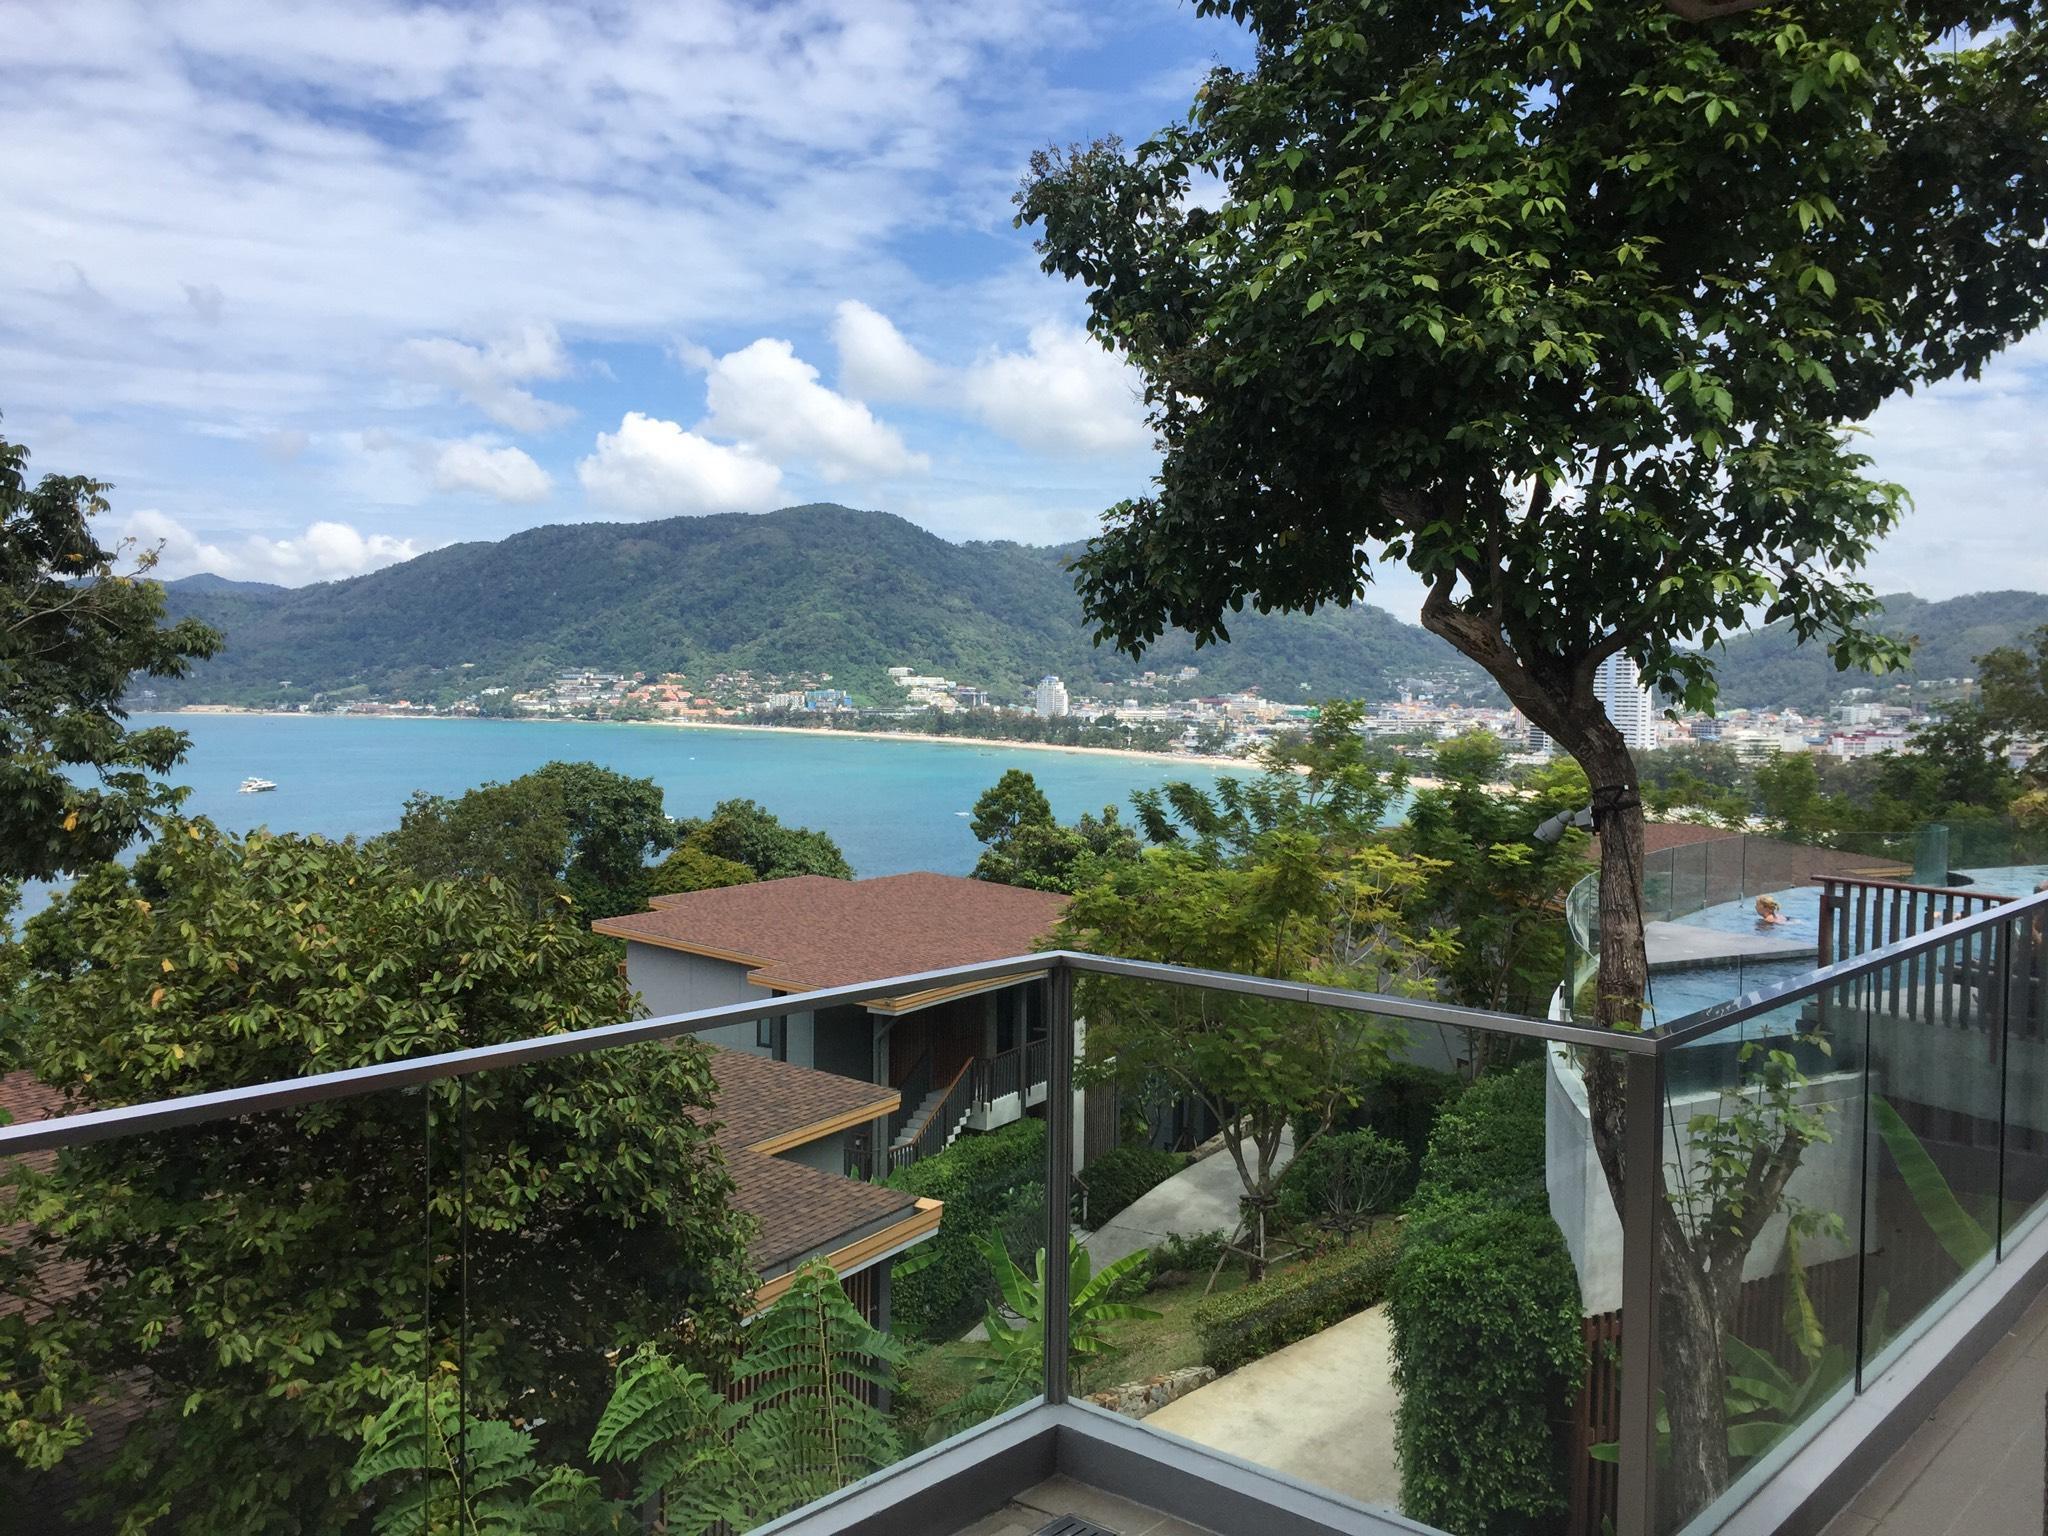 Patong Beachfront Luxury Hotel Apartment